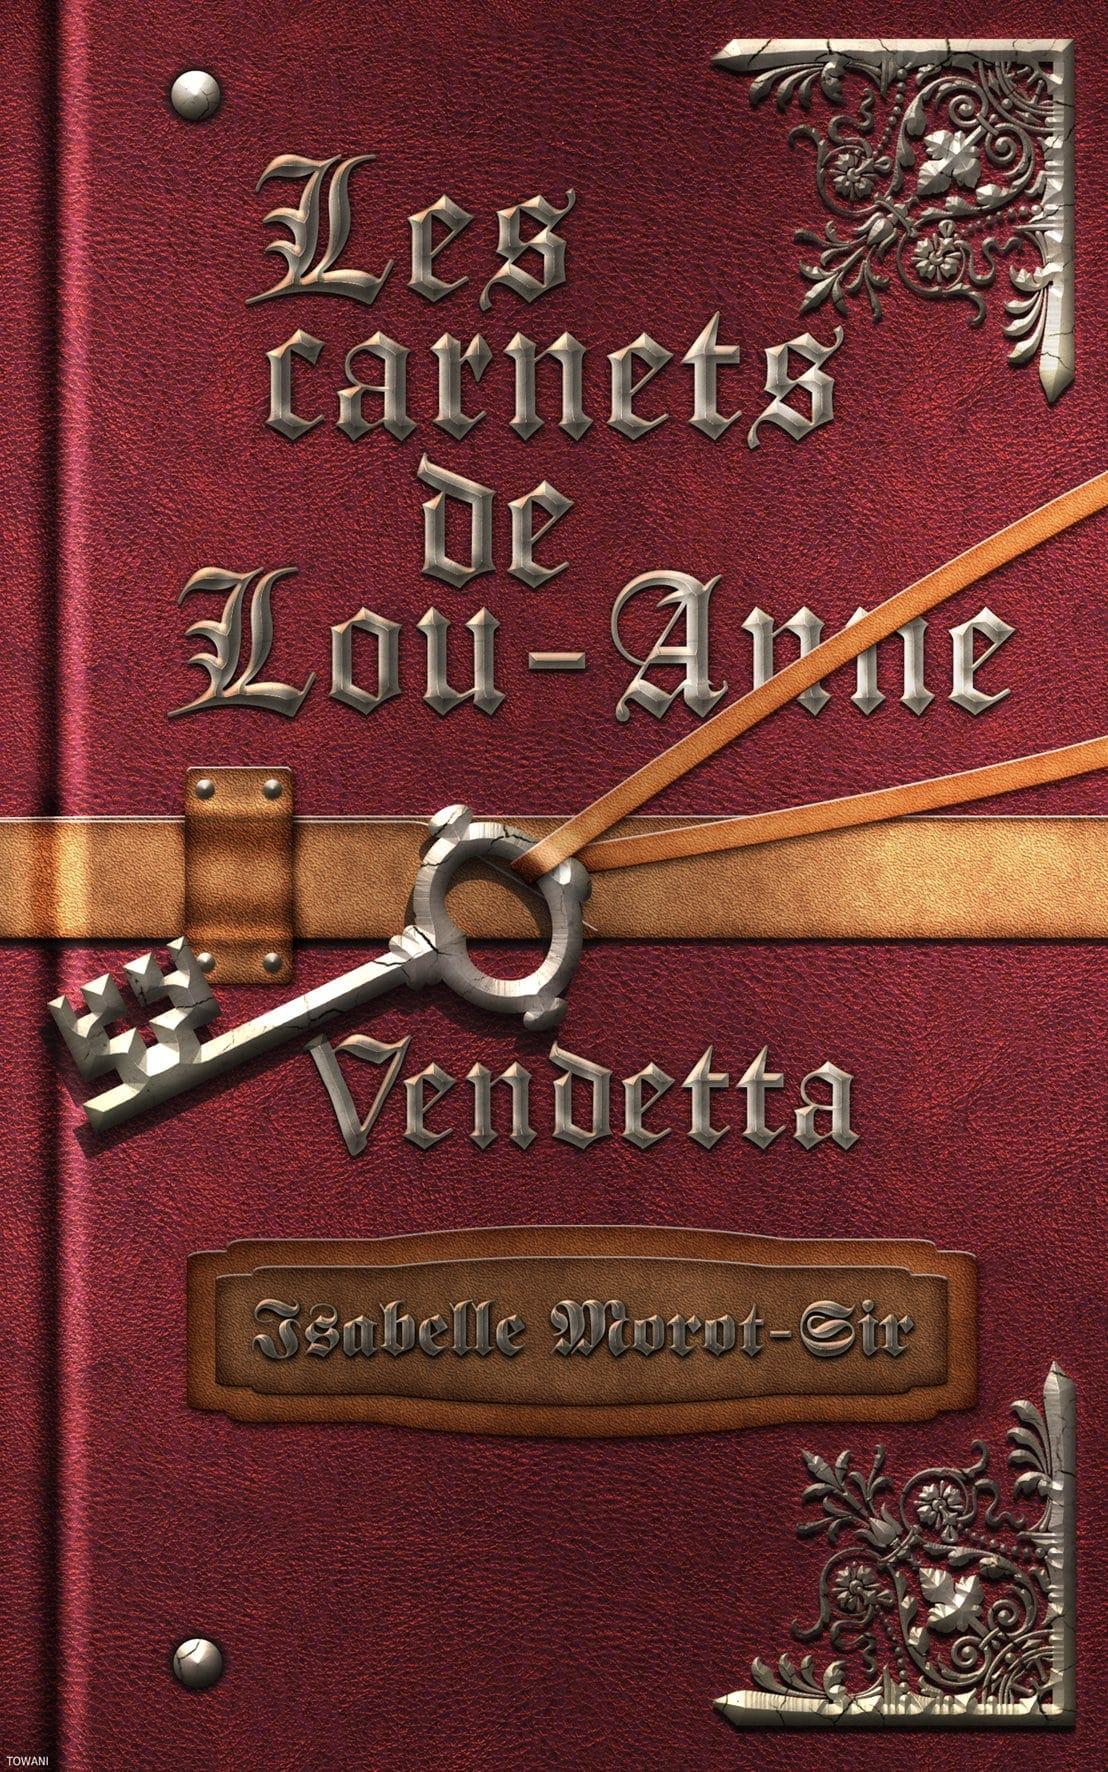 Les carnets de Lou-Anne T3 : Vendetta